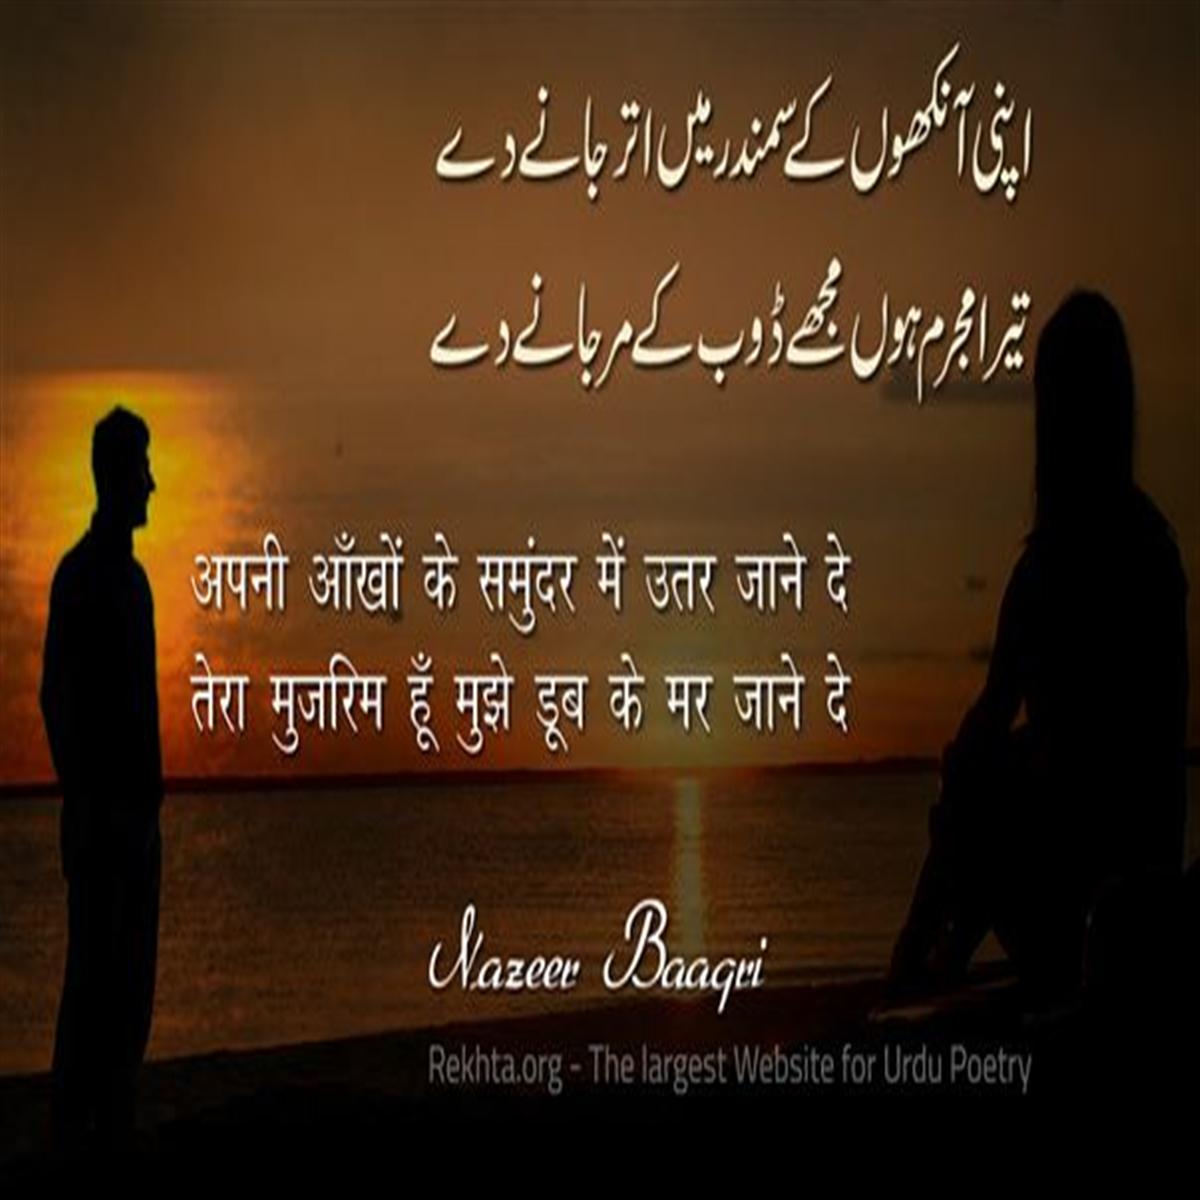 Nazeer Baaqri